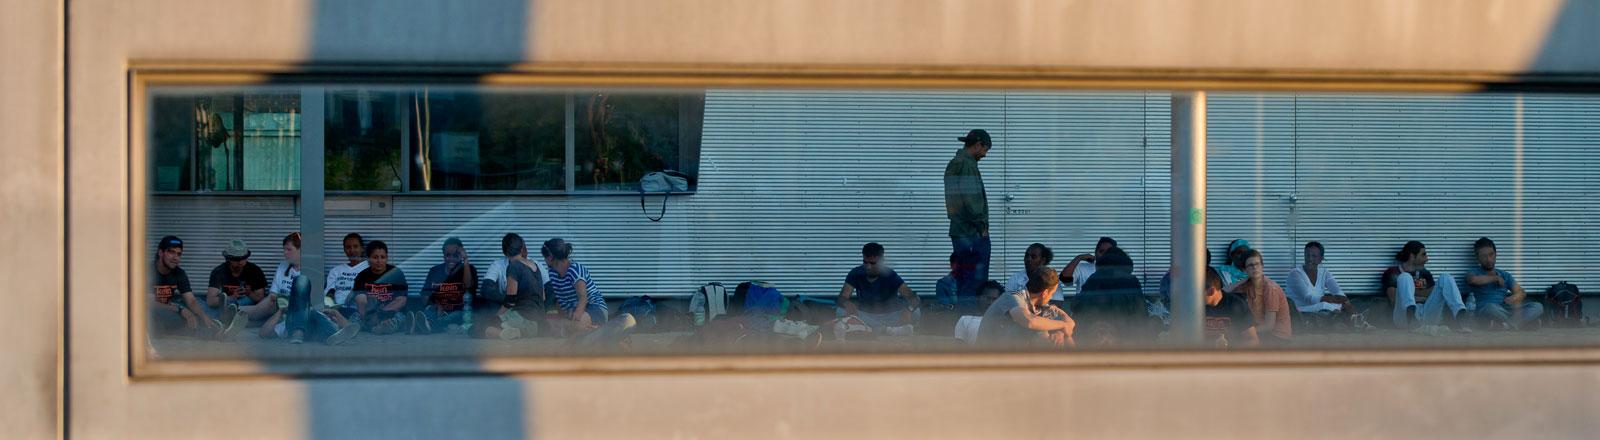 Flüchtlinge sitzen in einem Hof des Bundesamts für Migration und Flüchtlinge. Sie wurden durch eine Tür fotografiert.